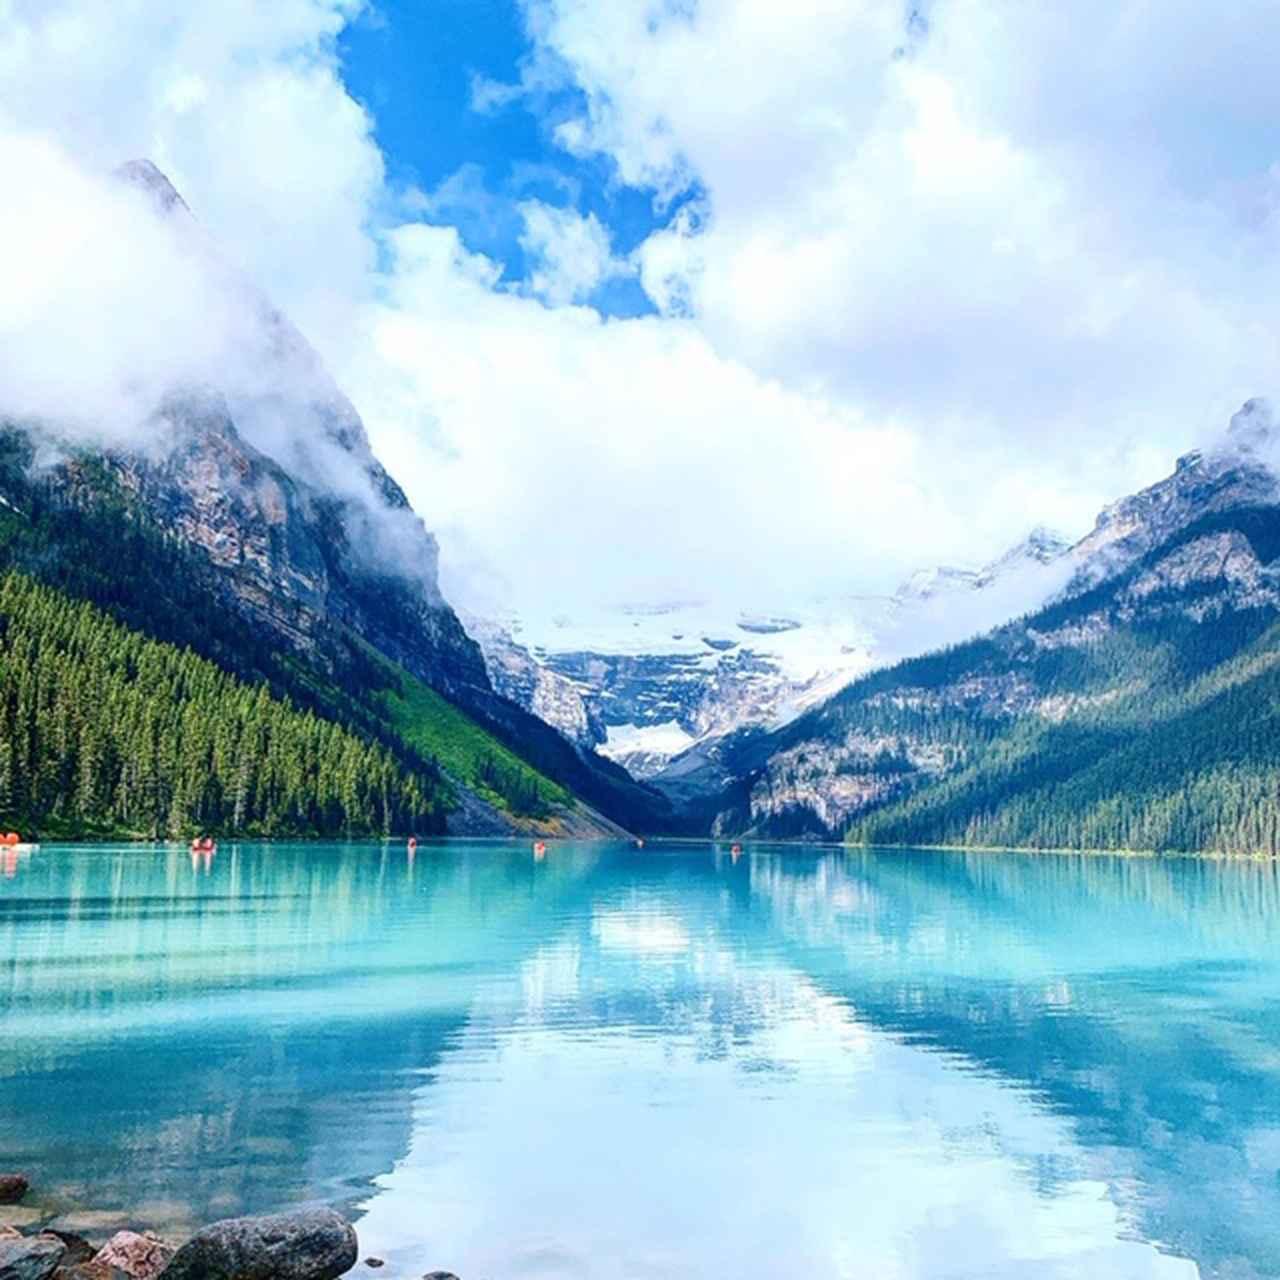 画像: 【ANAビジネスクラス往復直行便利用】5つの国立公園と山岳リゾート 大自然に囲まれて 涼風のカナダ8日間/各日最大18名様限定|クラブツーリズム